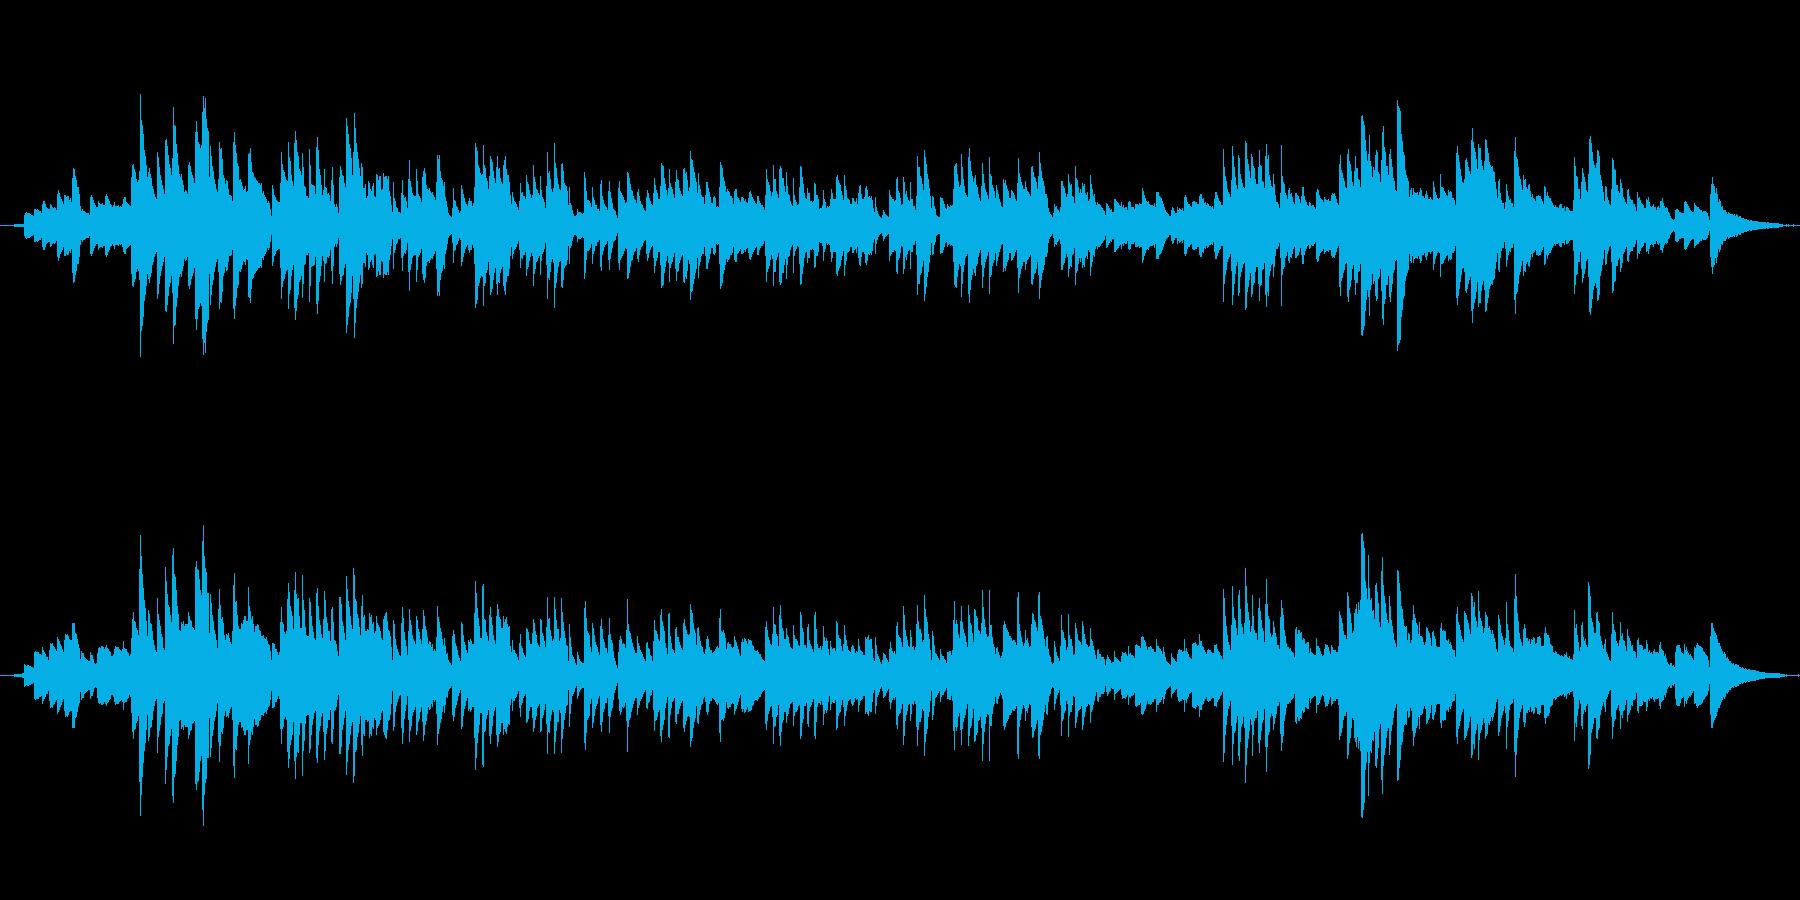 蒼い海という曲の返し歌で、女性の男性へ…の再生済みの波形